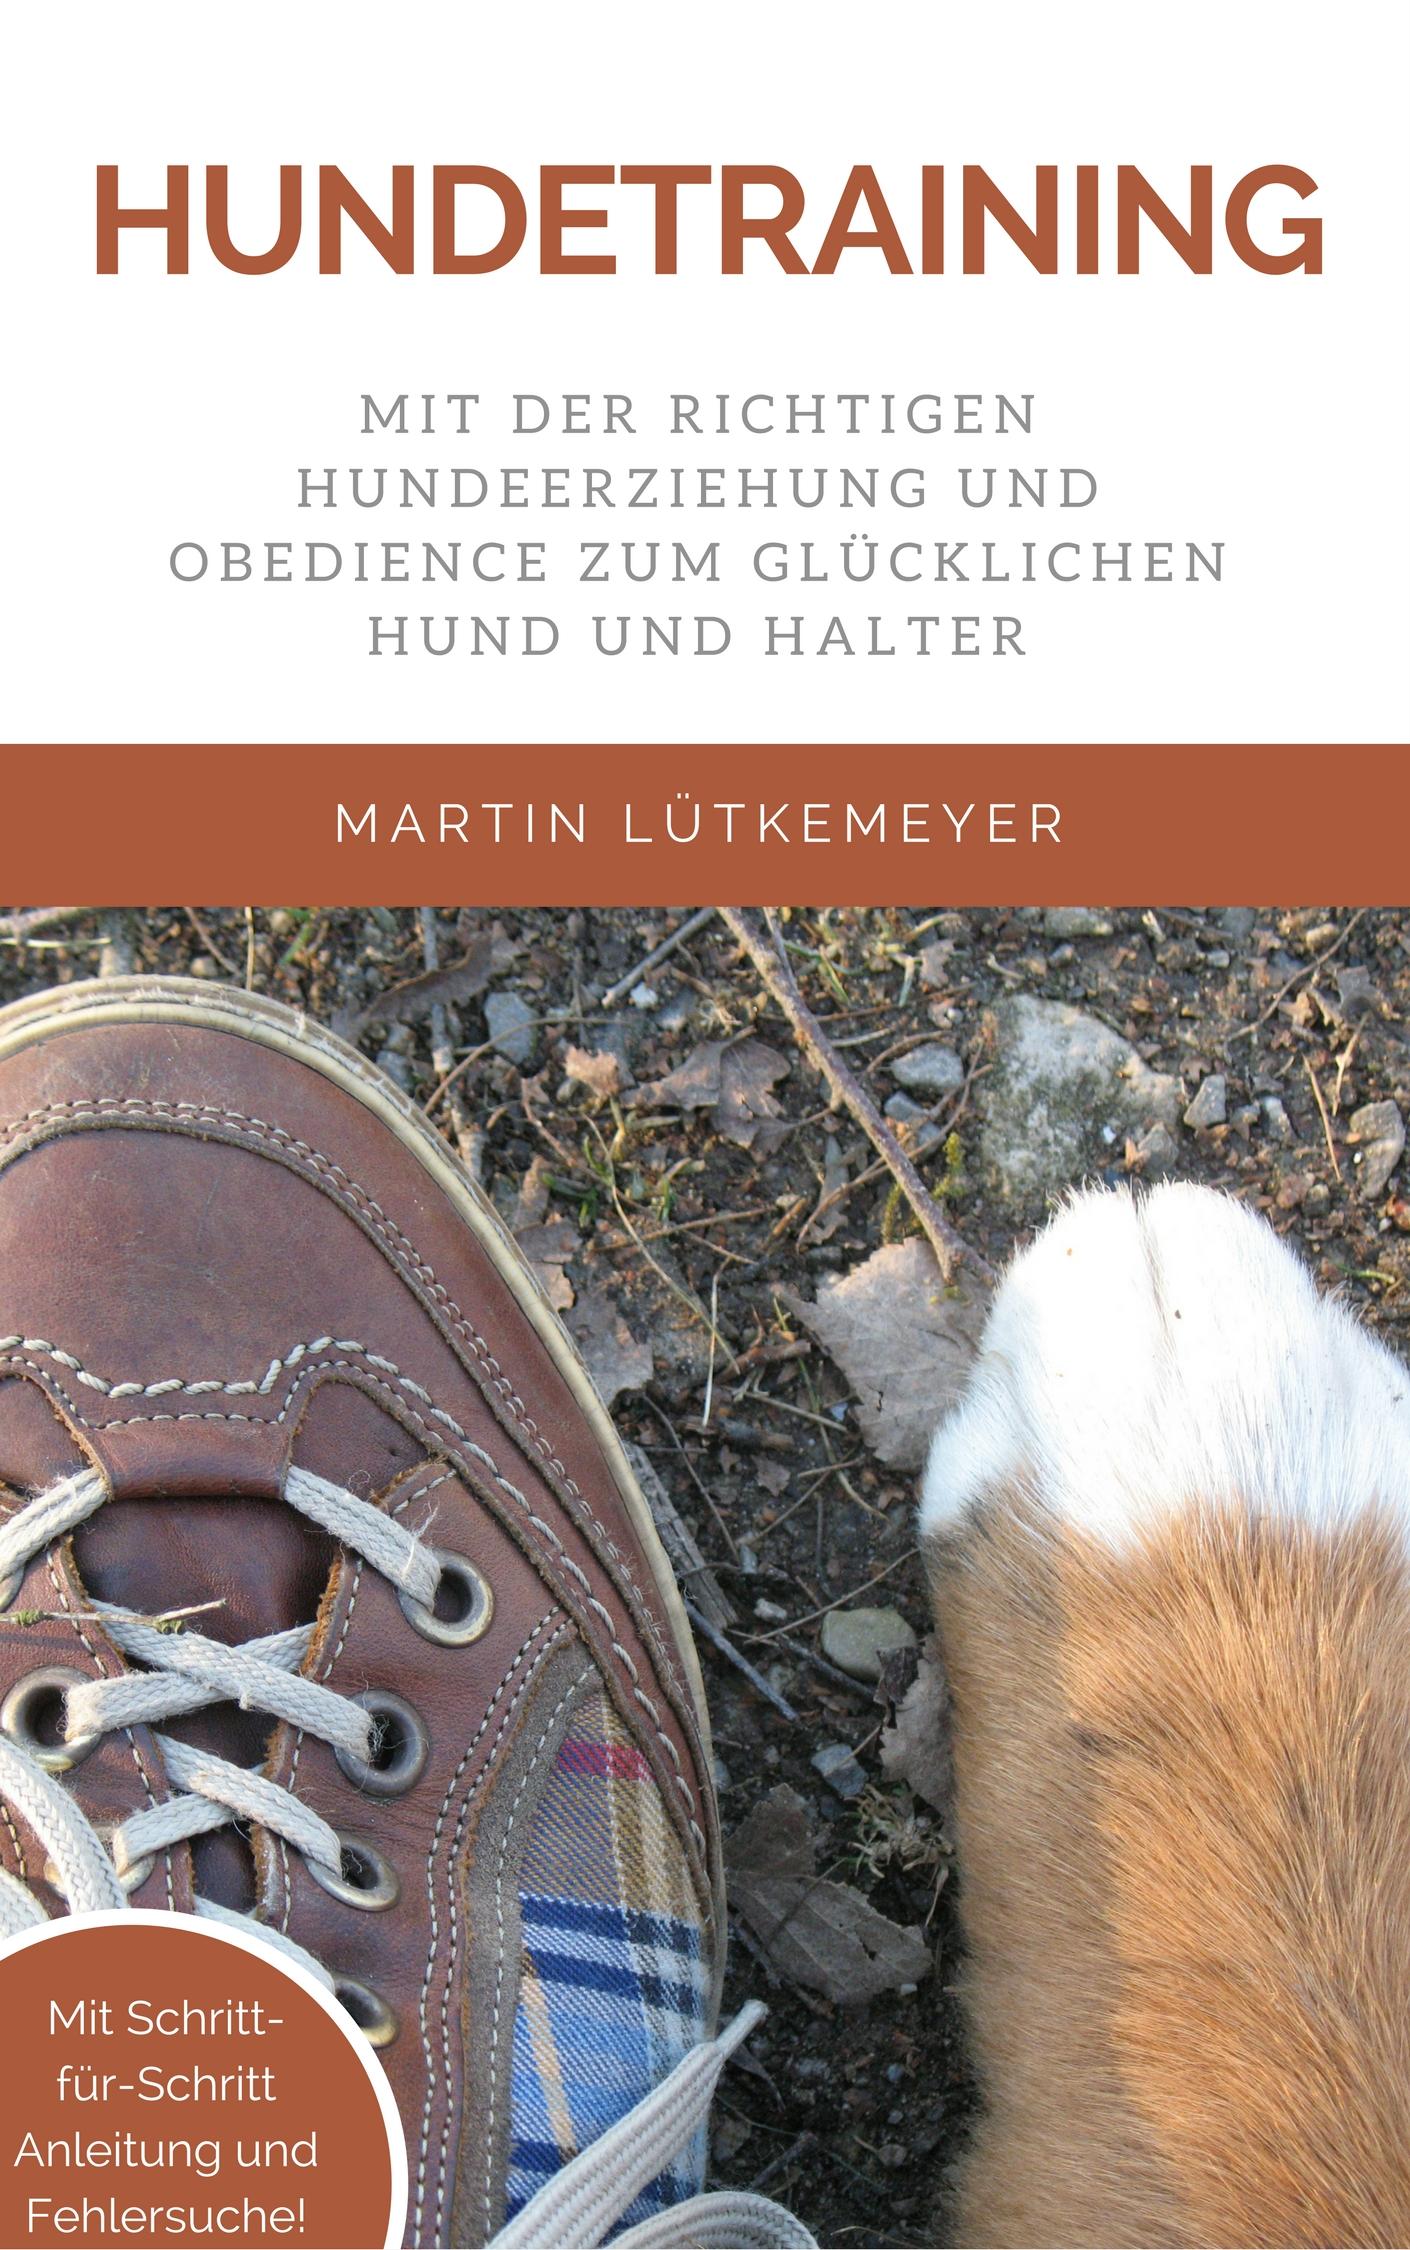 Martin Lütkemeyer – Hundetraining: Mit der richtigen Hundeerziehung und Obedience zum glücklichen Hund und Halter